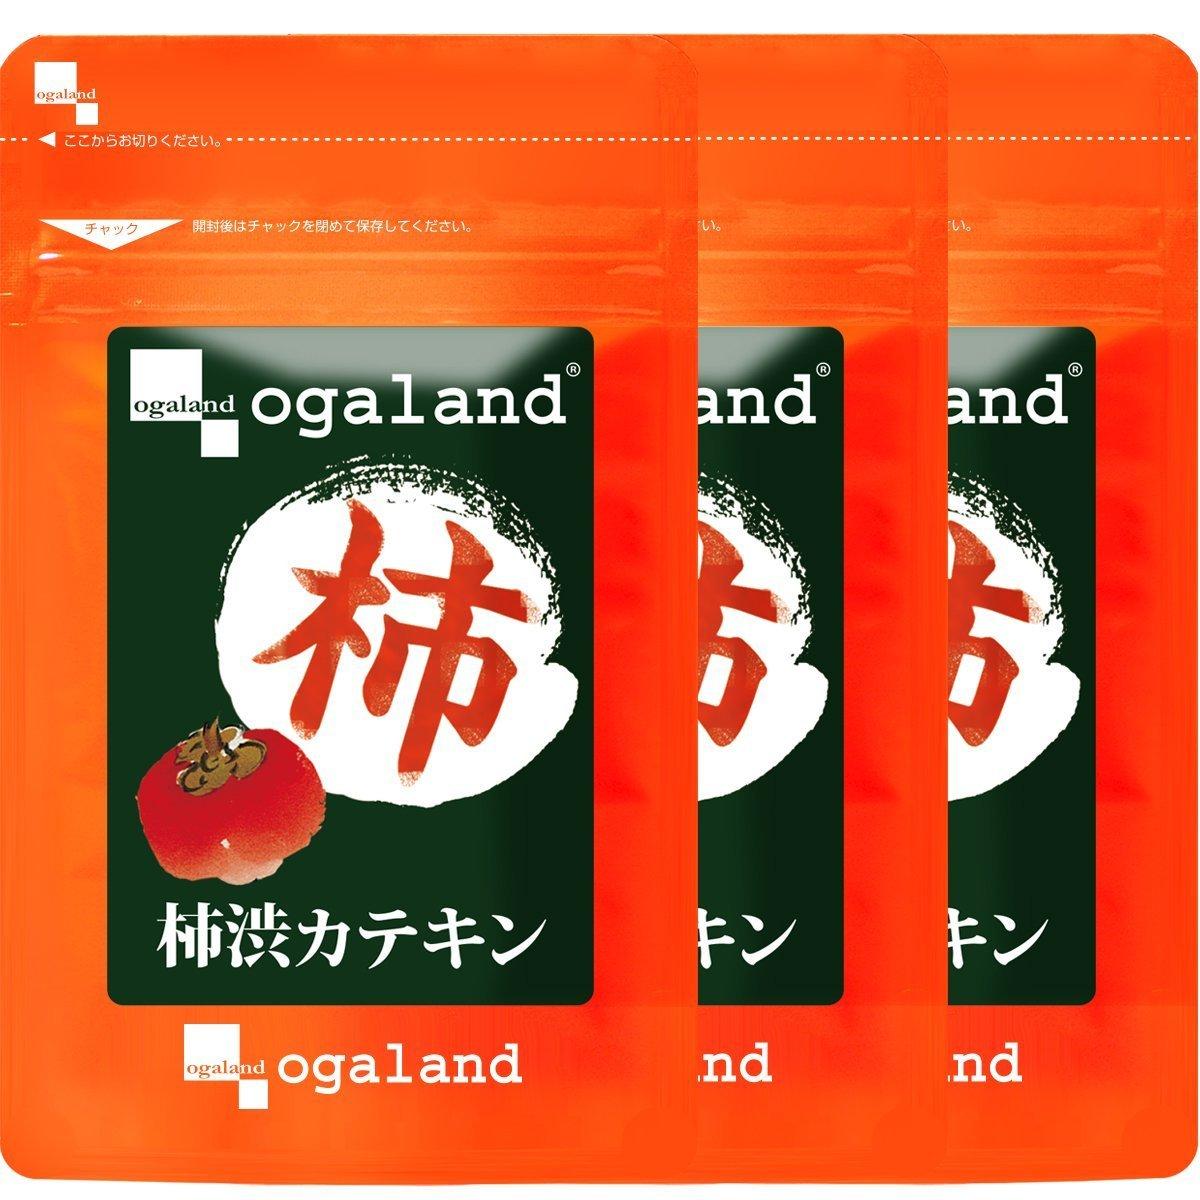 送料無料 ★ オーガランド 柿渋カテキン(約3ヶ月分)サプリメント ★ 約1ヶ月分×3袋セット_画像1